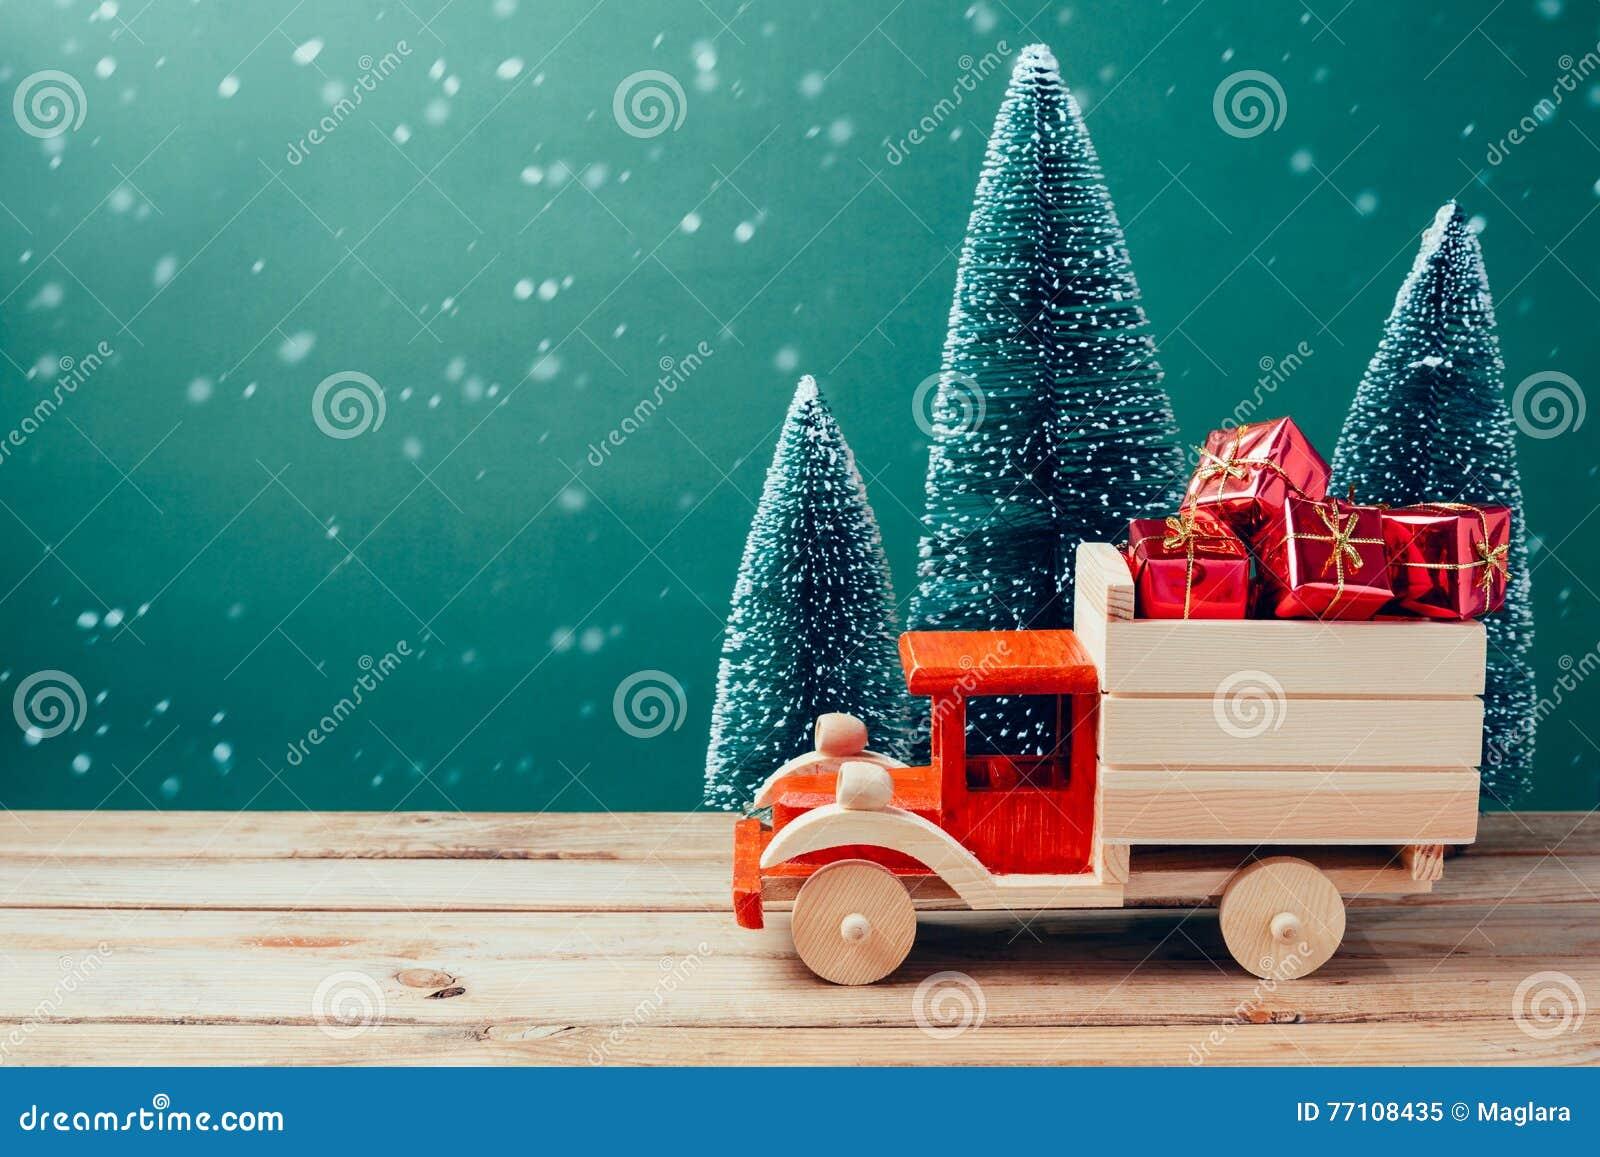 Caminhão do brinquedo do Natal com caixas de presente e pinheiro na tabela de madeira sobre o fundo verde